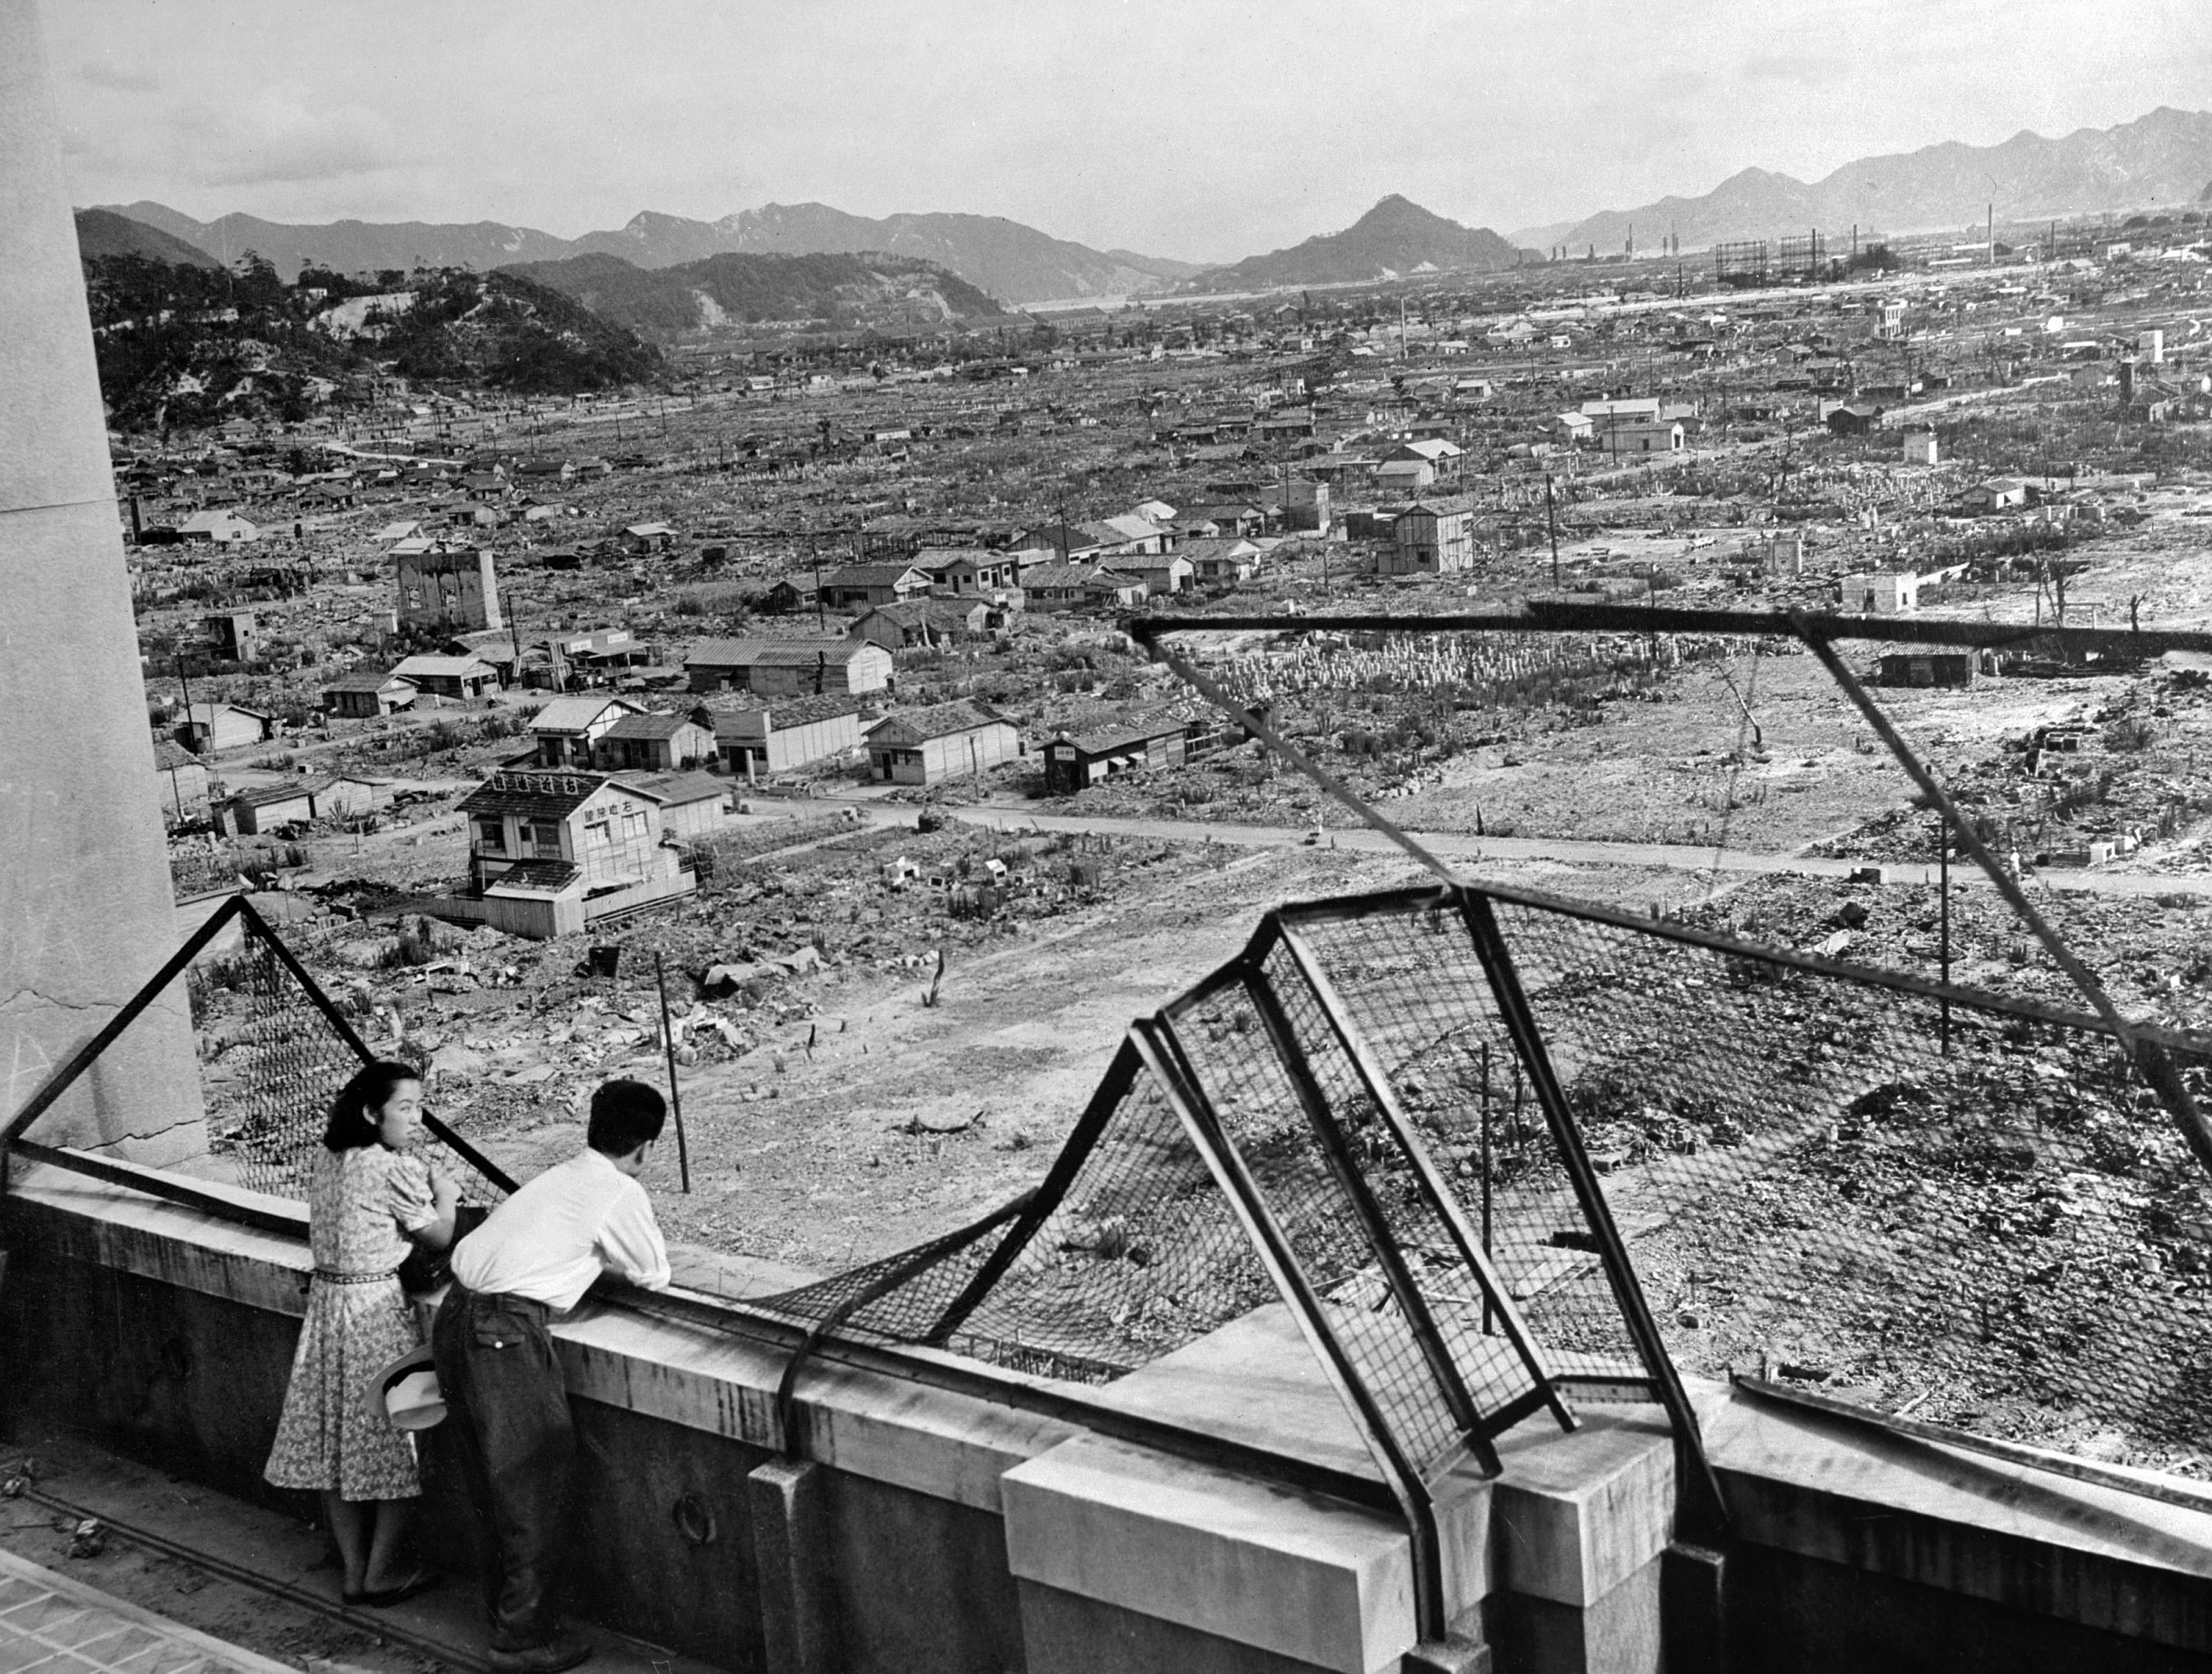 صورة تعود لعام 1948 لمدينة هيروشيما المدمرة